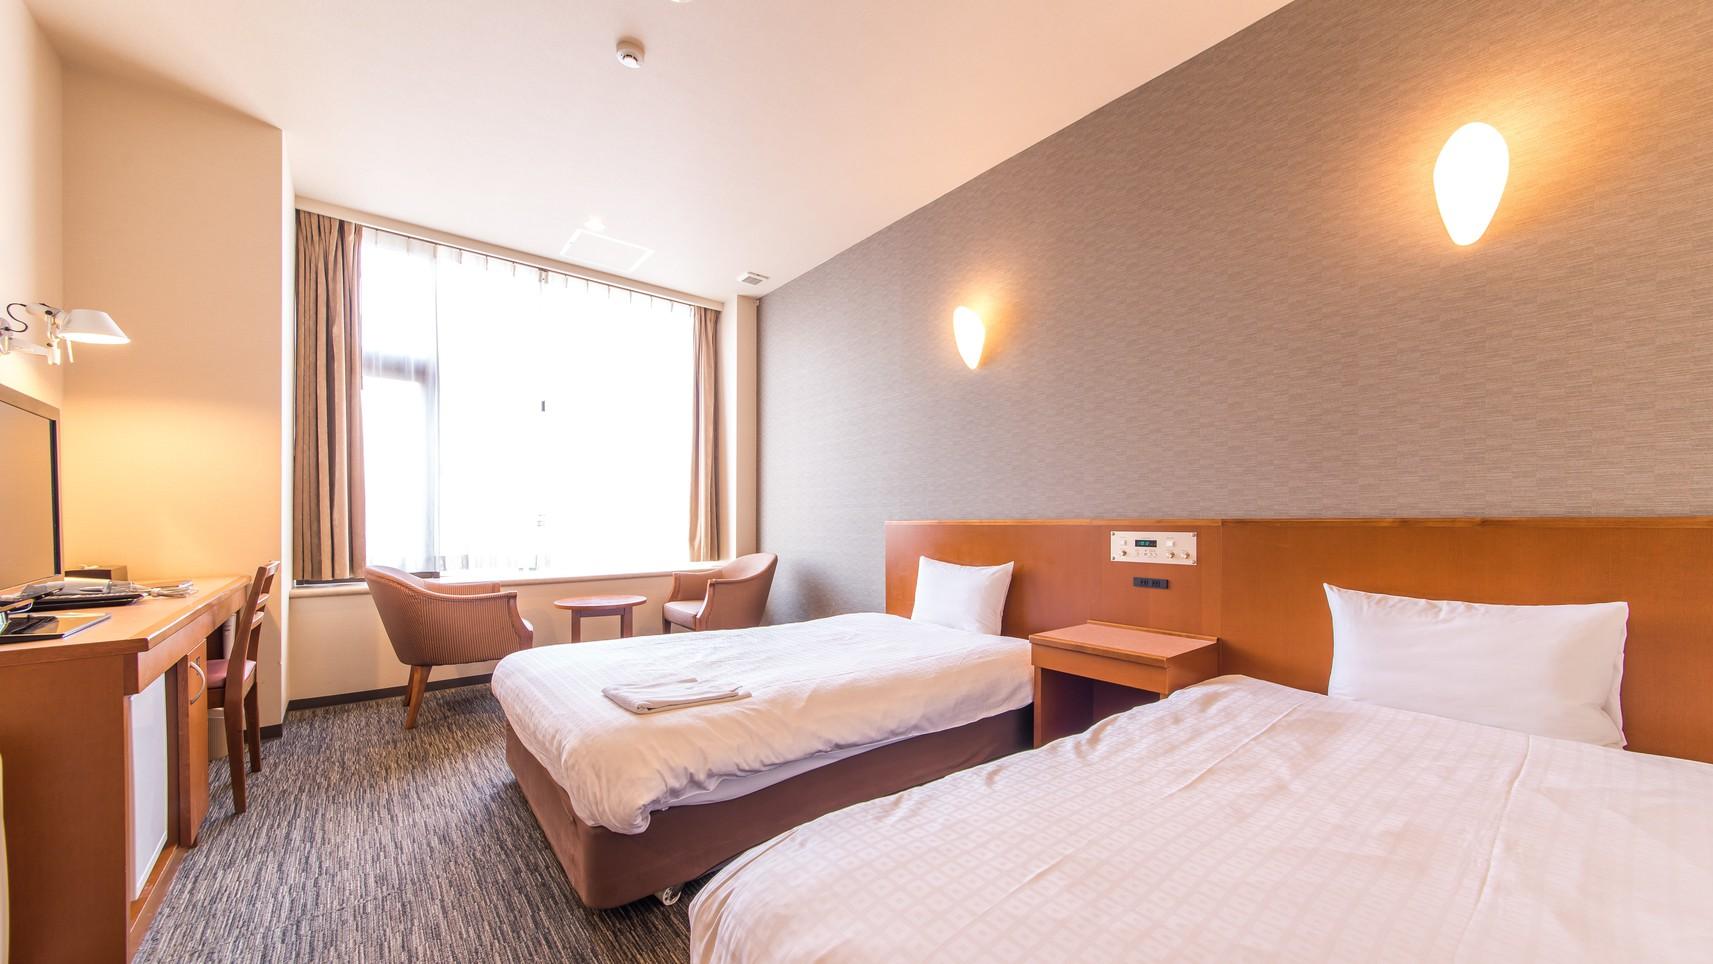 サンパレスホテル 関連画像 17枚目 楽天トラベル提供